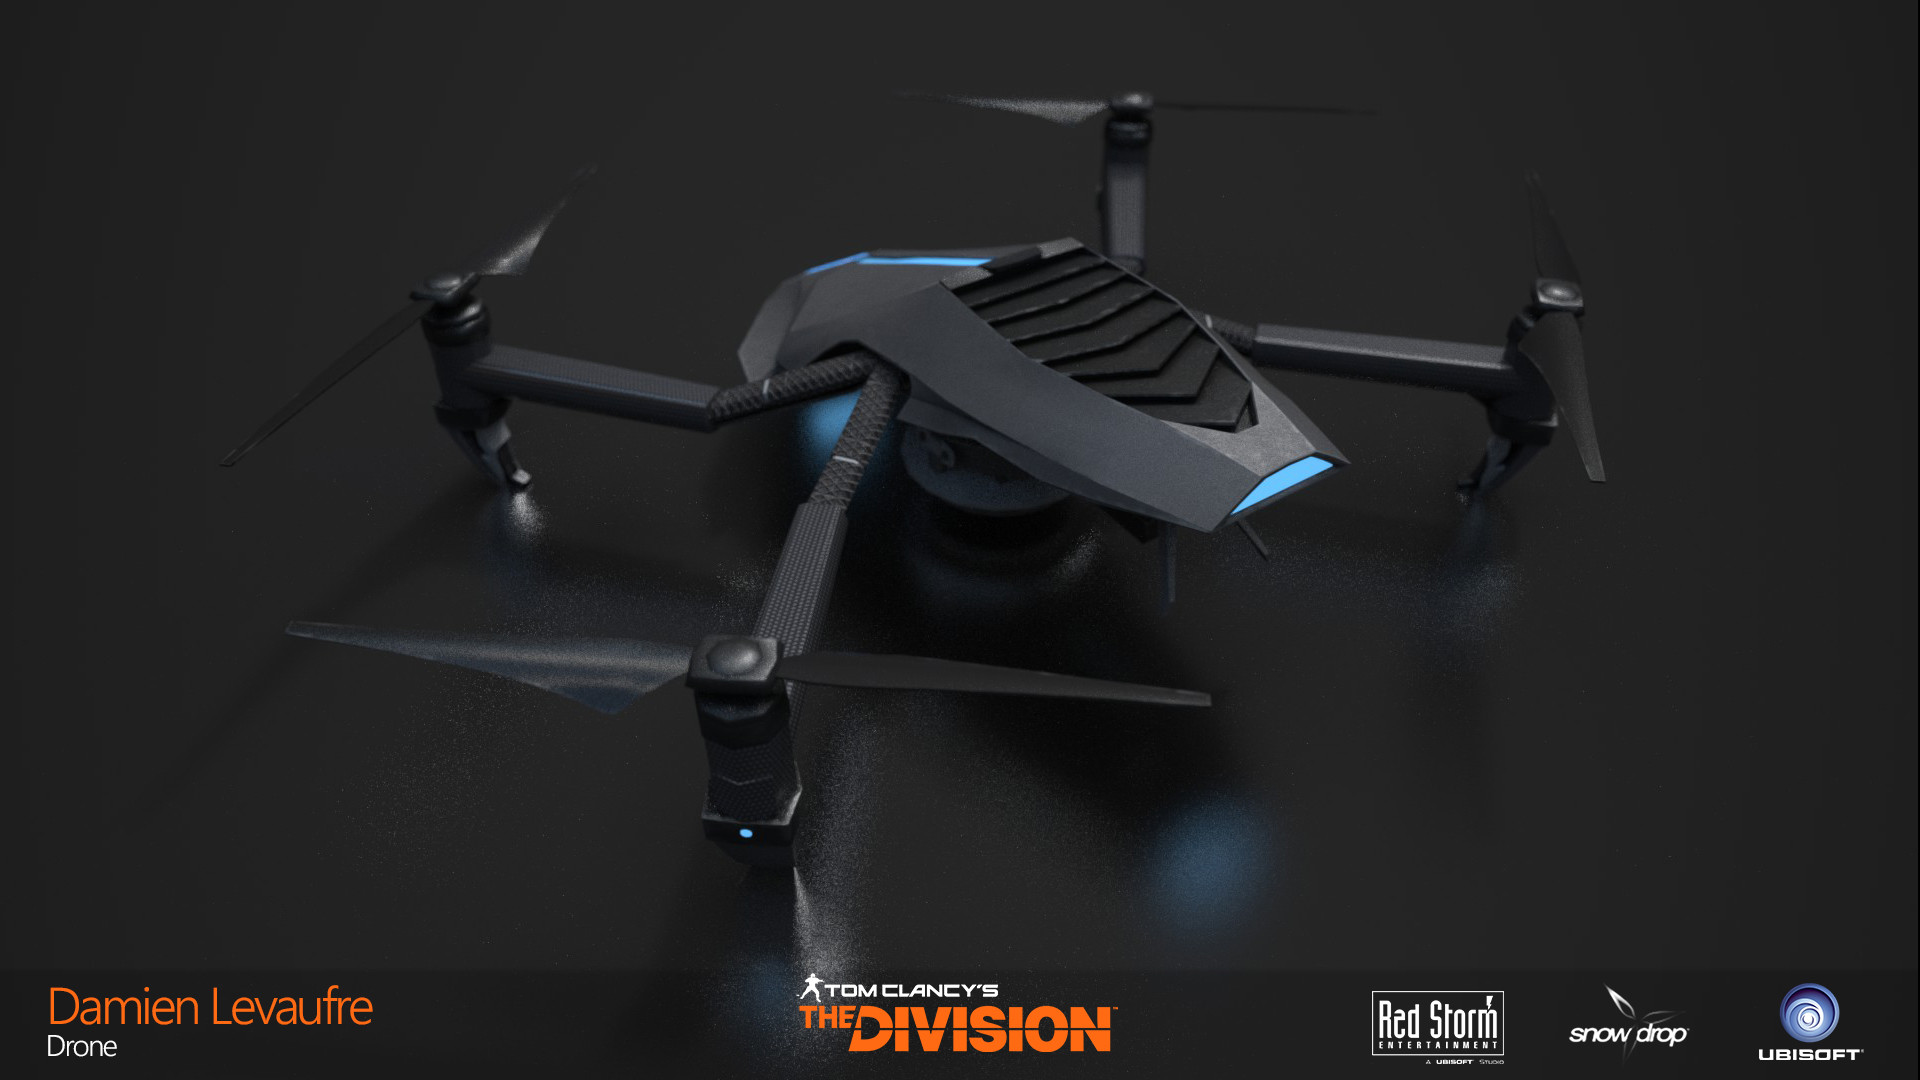 Damien levaufre drone 3 4 dos